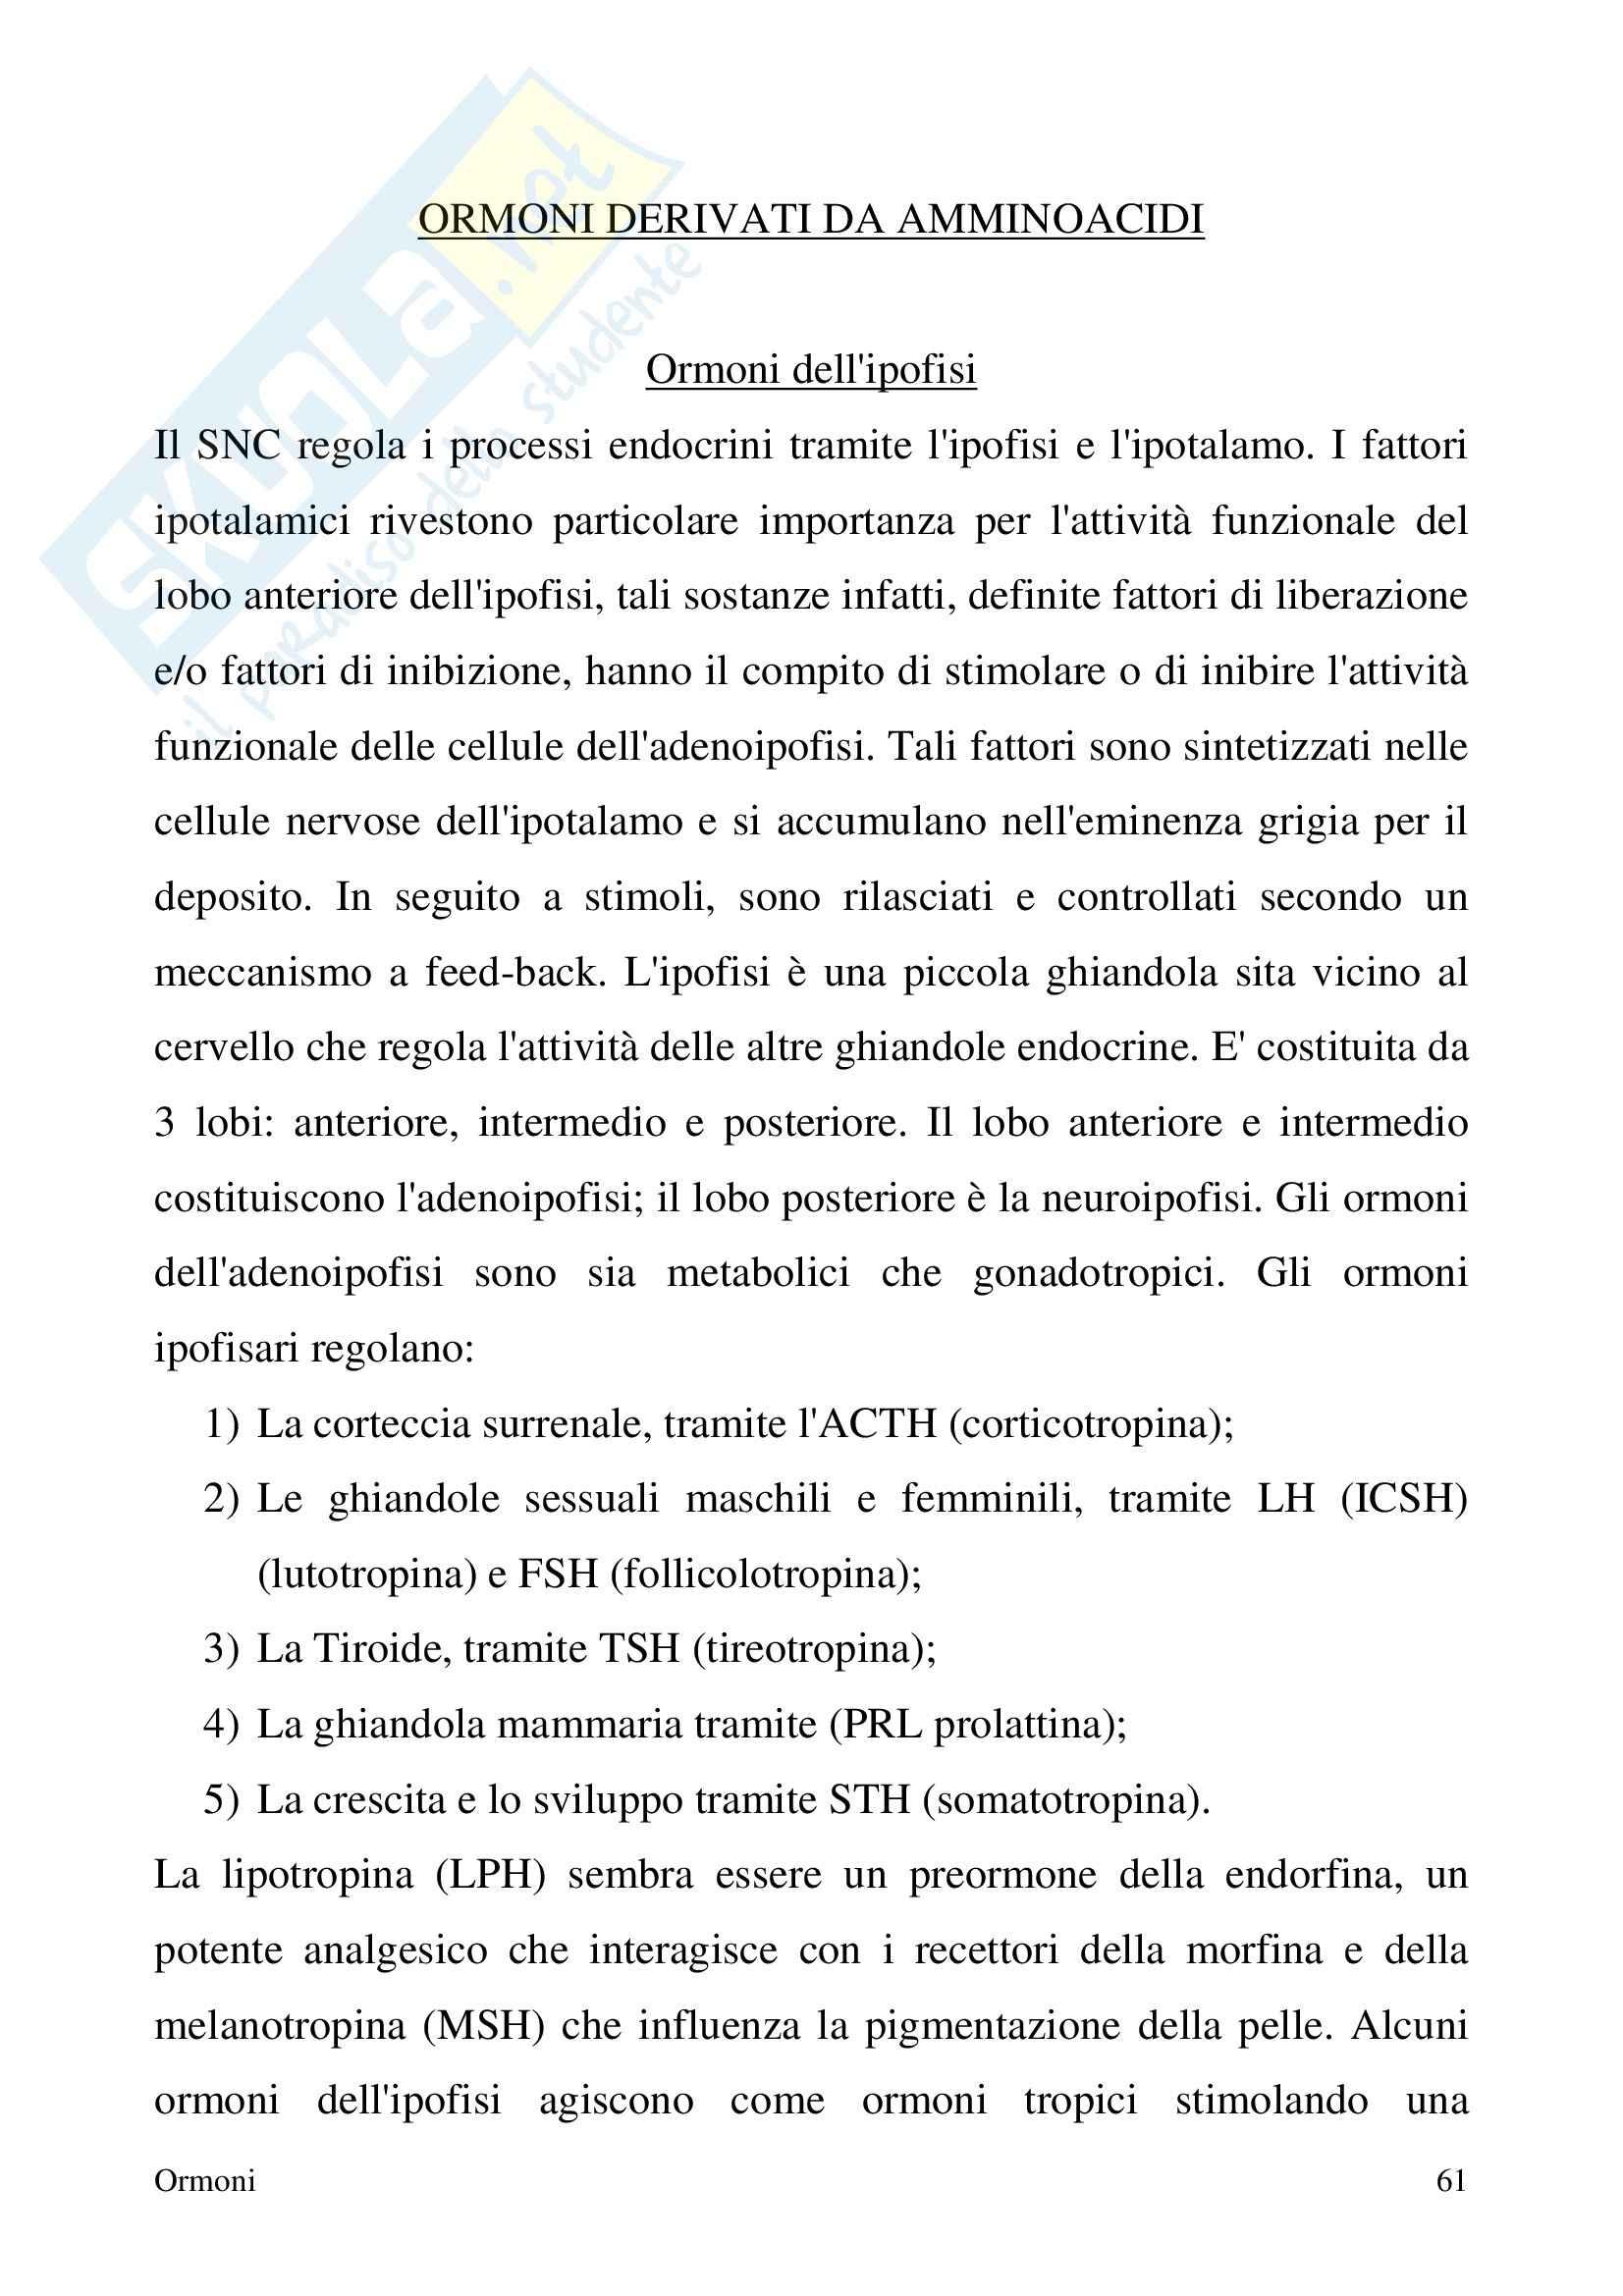 Chimica farmaceutica - ormoni Pag. 61